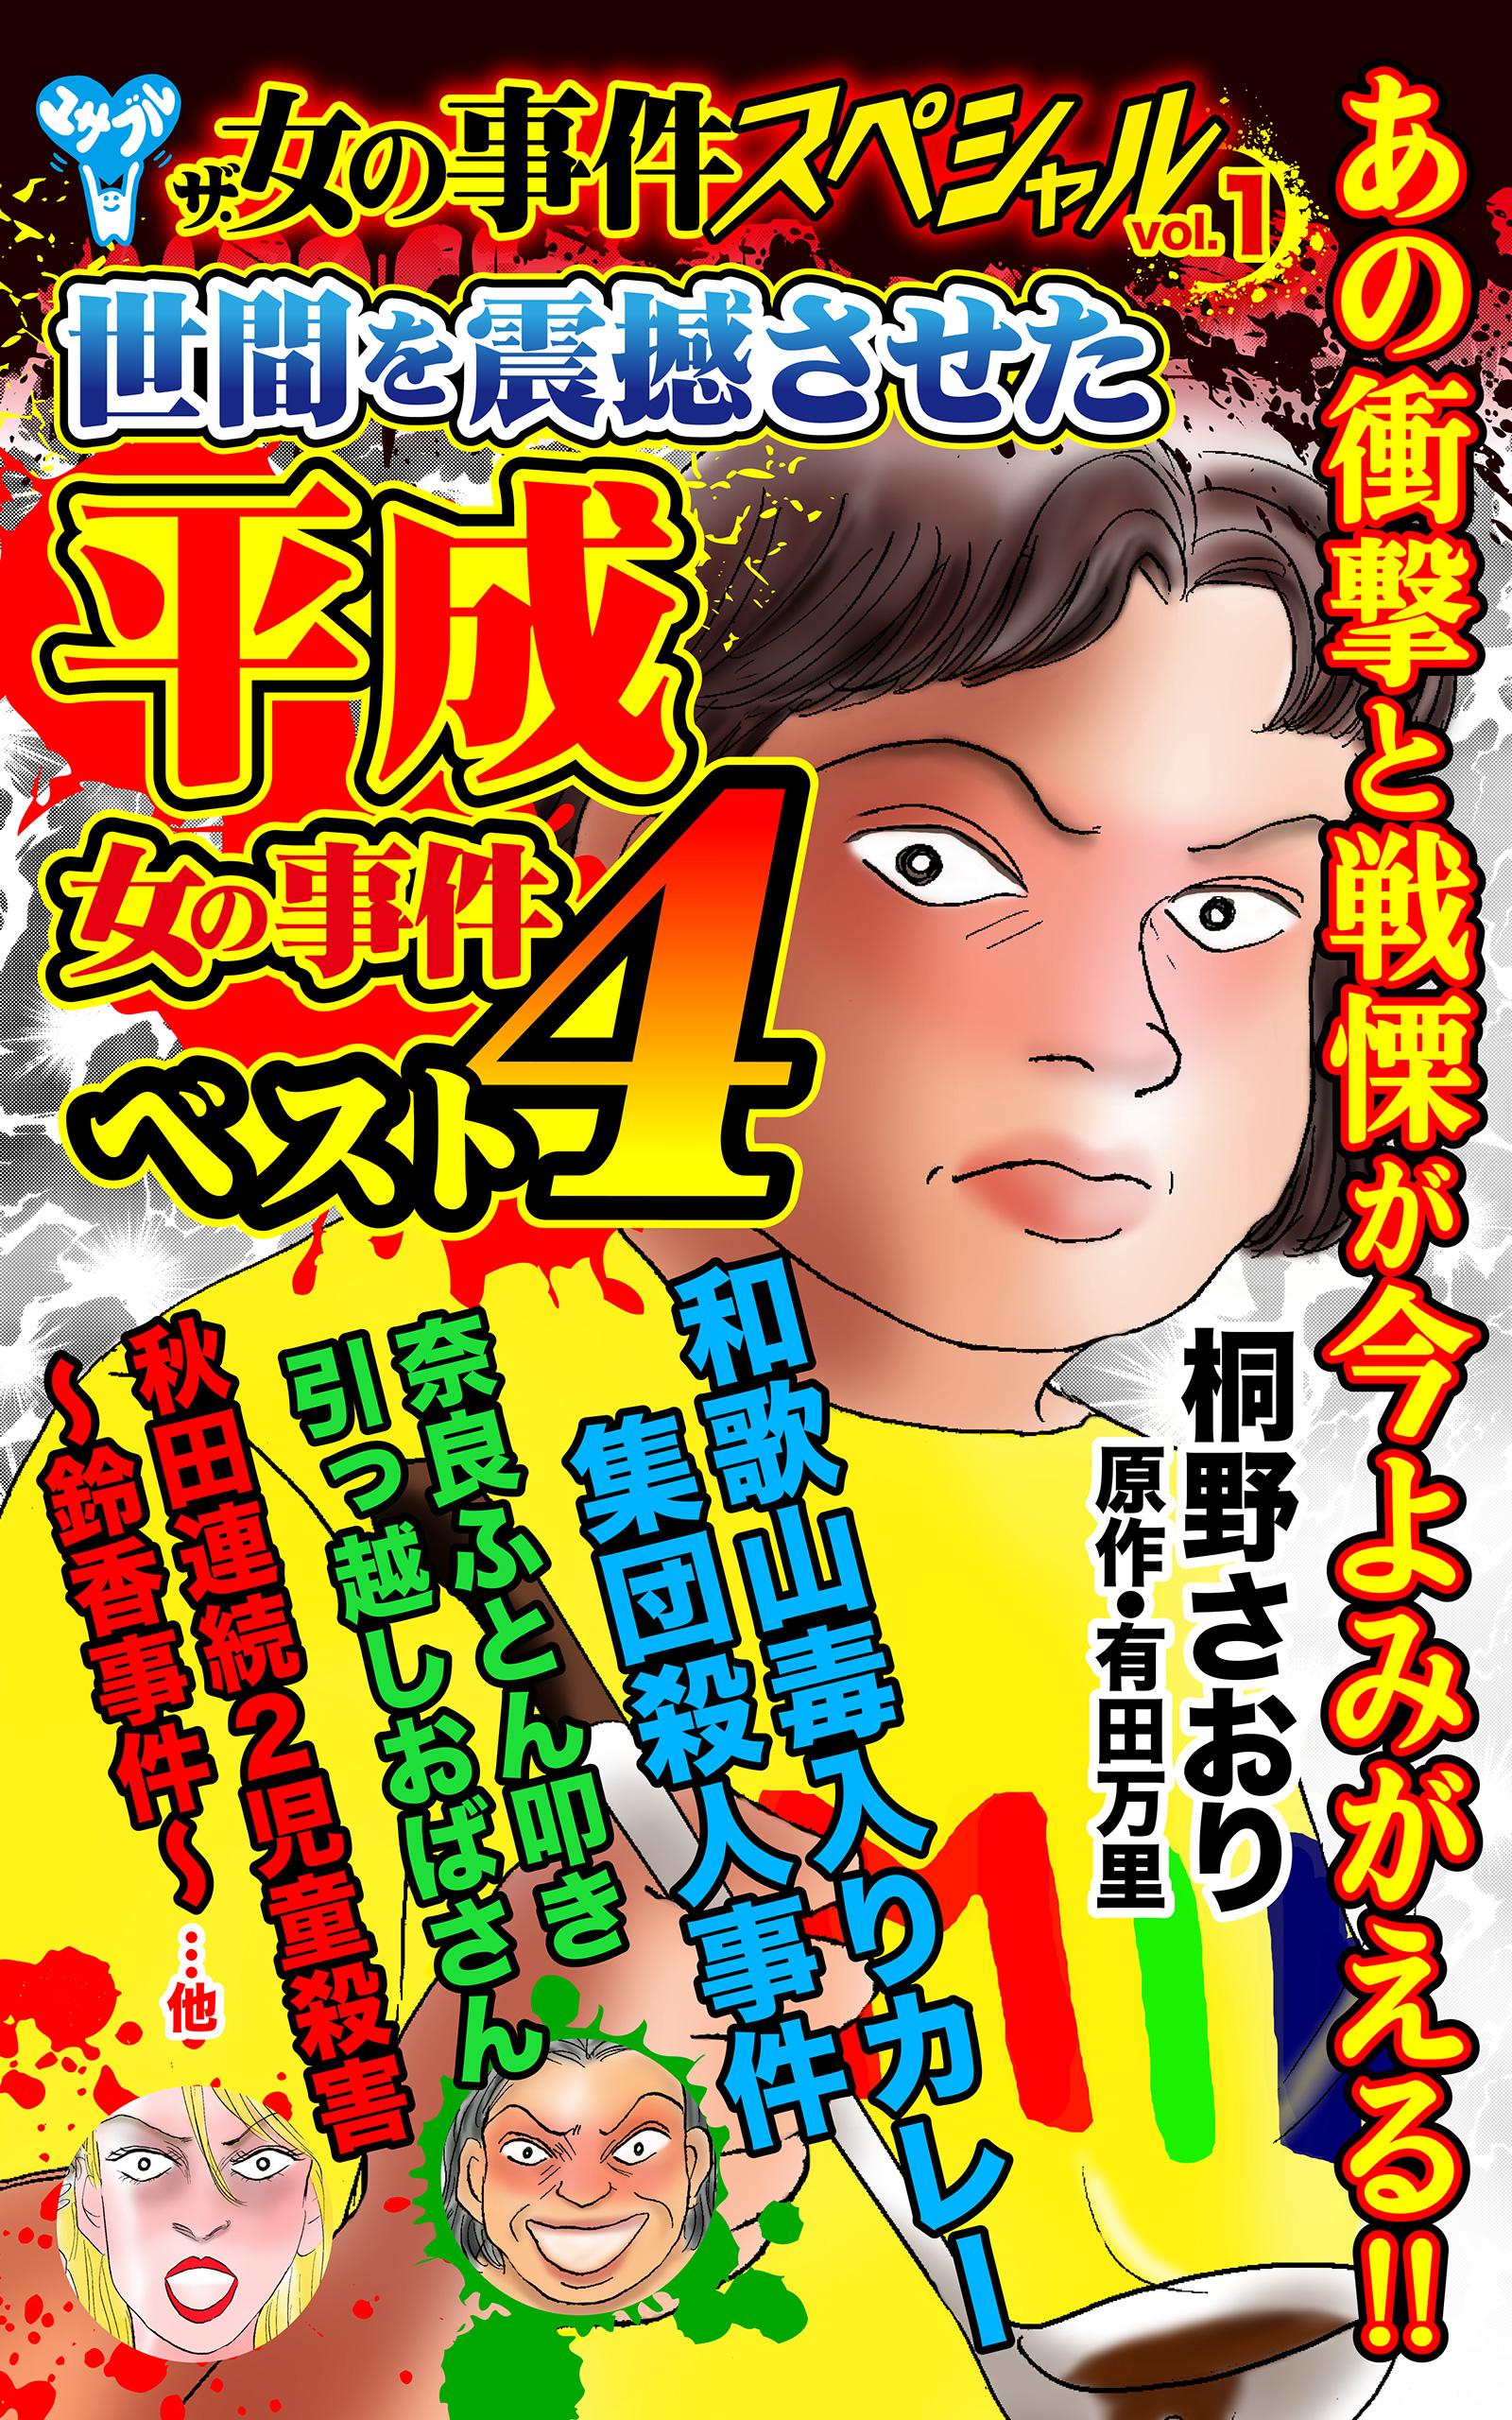 ザ・女の事件スペシャルVol.1(真相究明!!和歌山毒入りカレー集団殺人…)